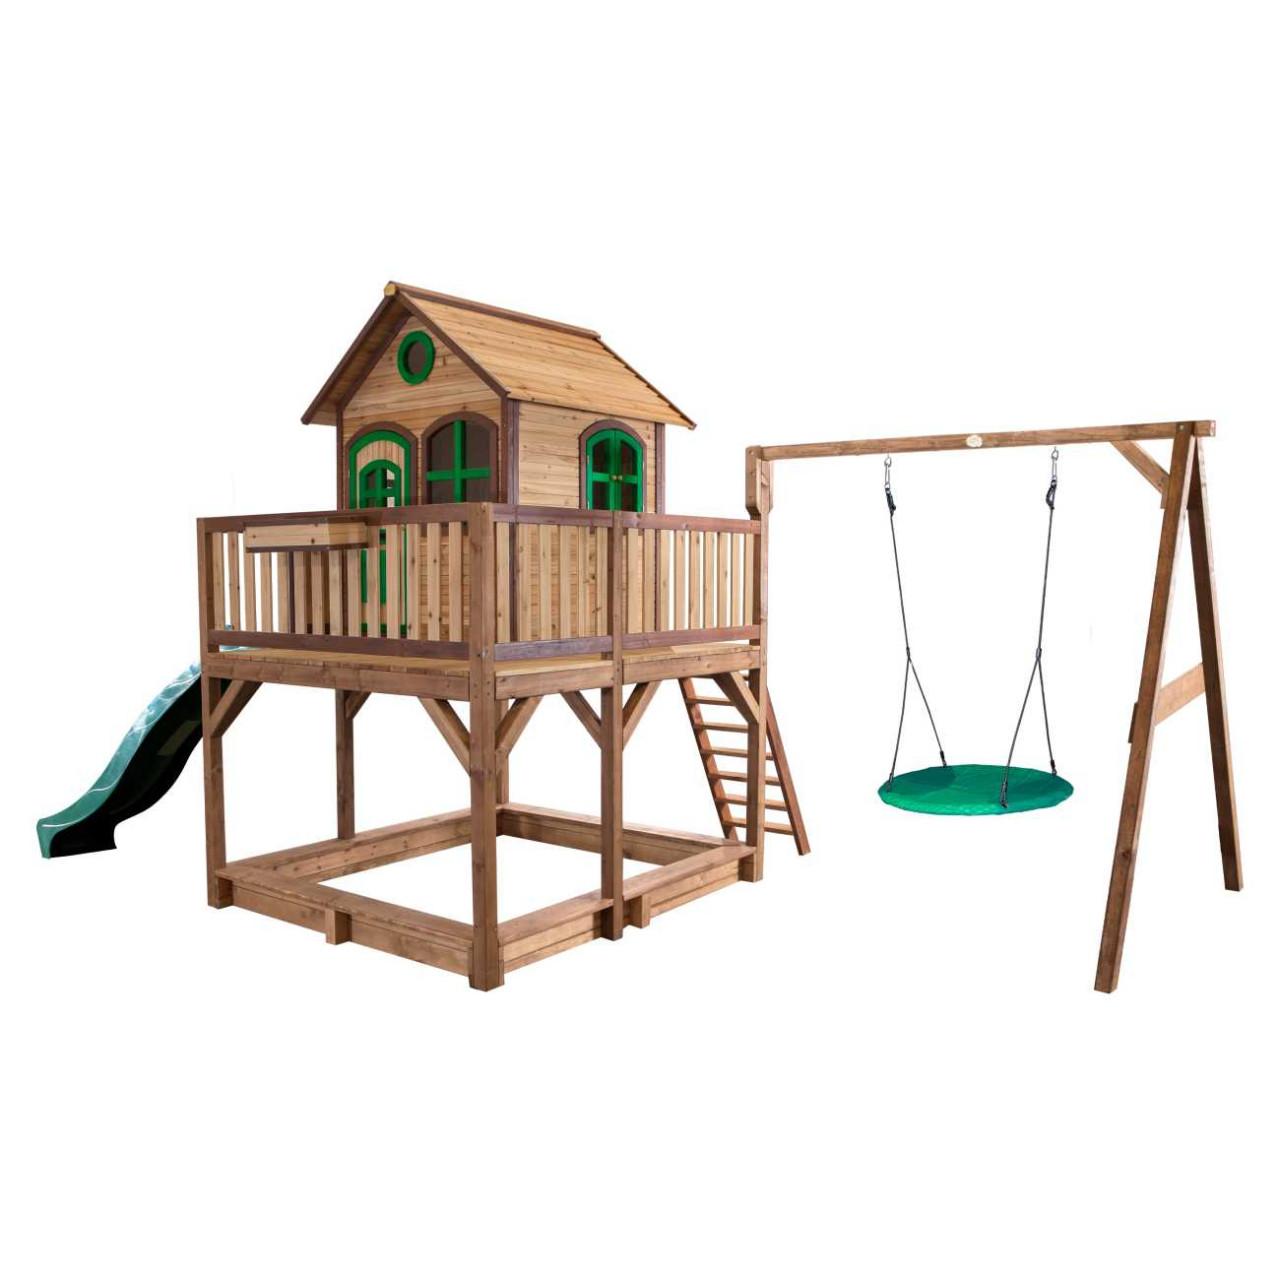 Axi Stelzenhaus Liam mit Nestschaukel Winkoh, Kinder Spielhaus